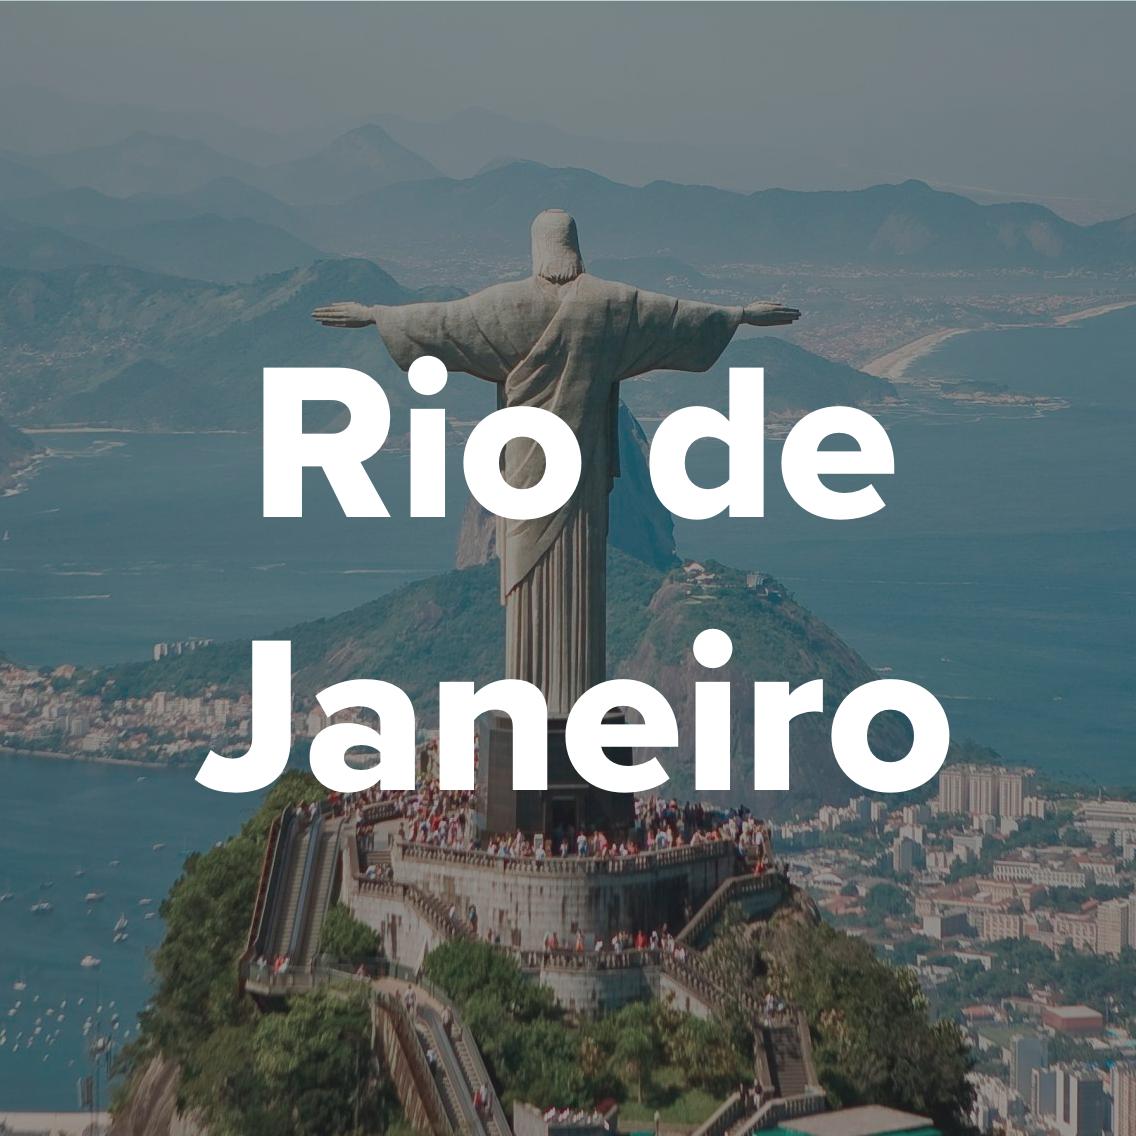 connect-roadshow-website-image-2020 - Rio de janeiro